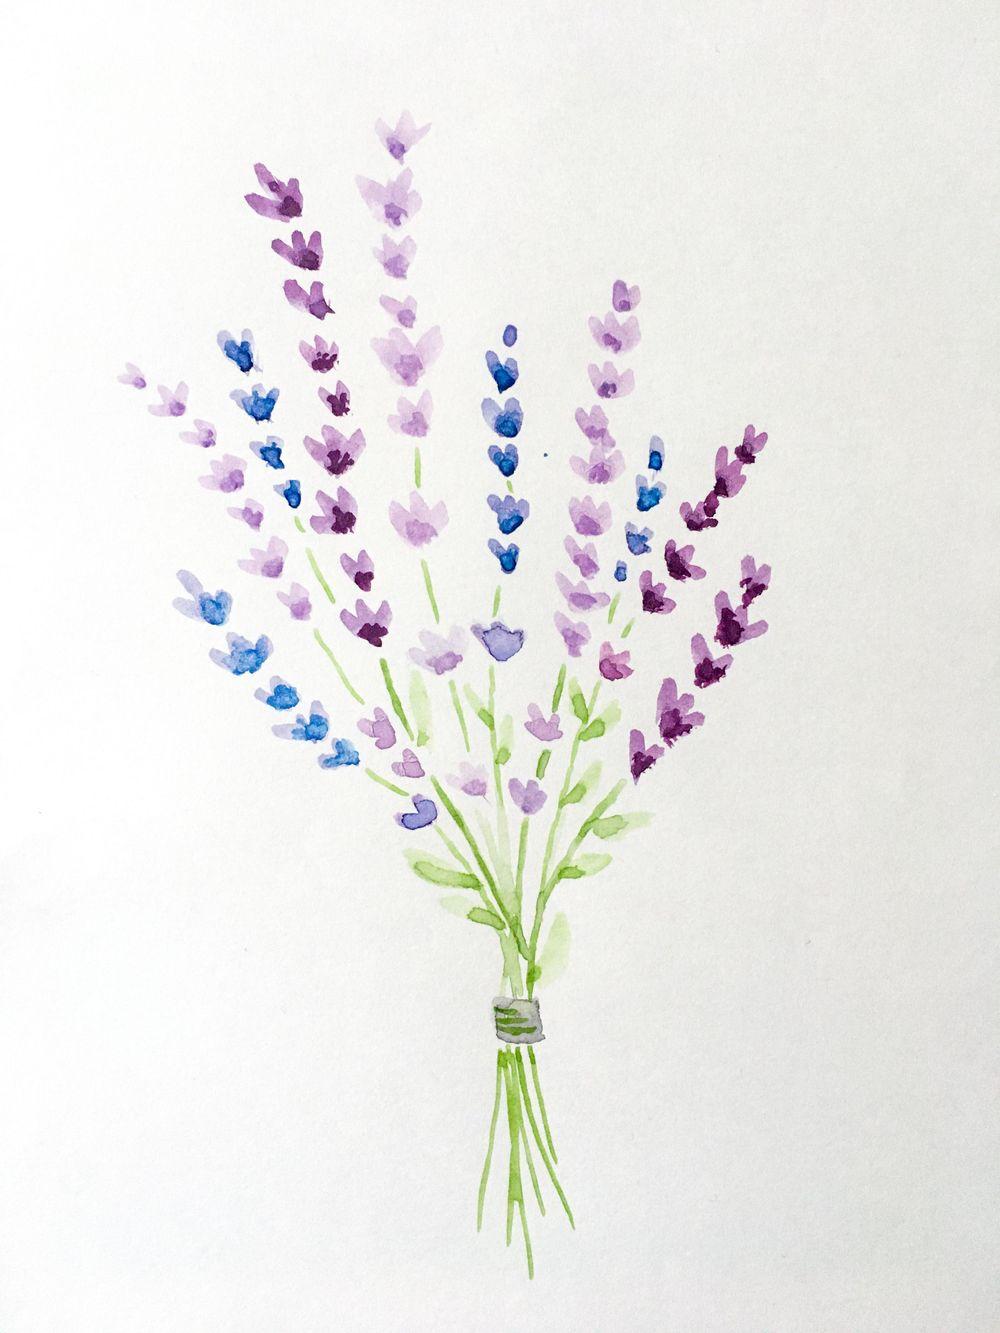 Blue flowers & lavender bouquet - image 1 - student project